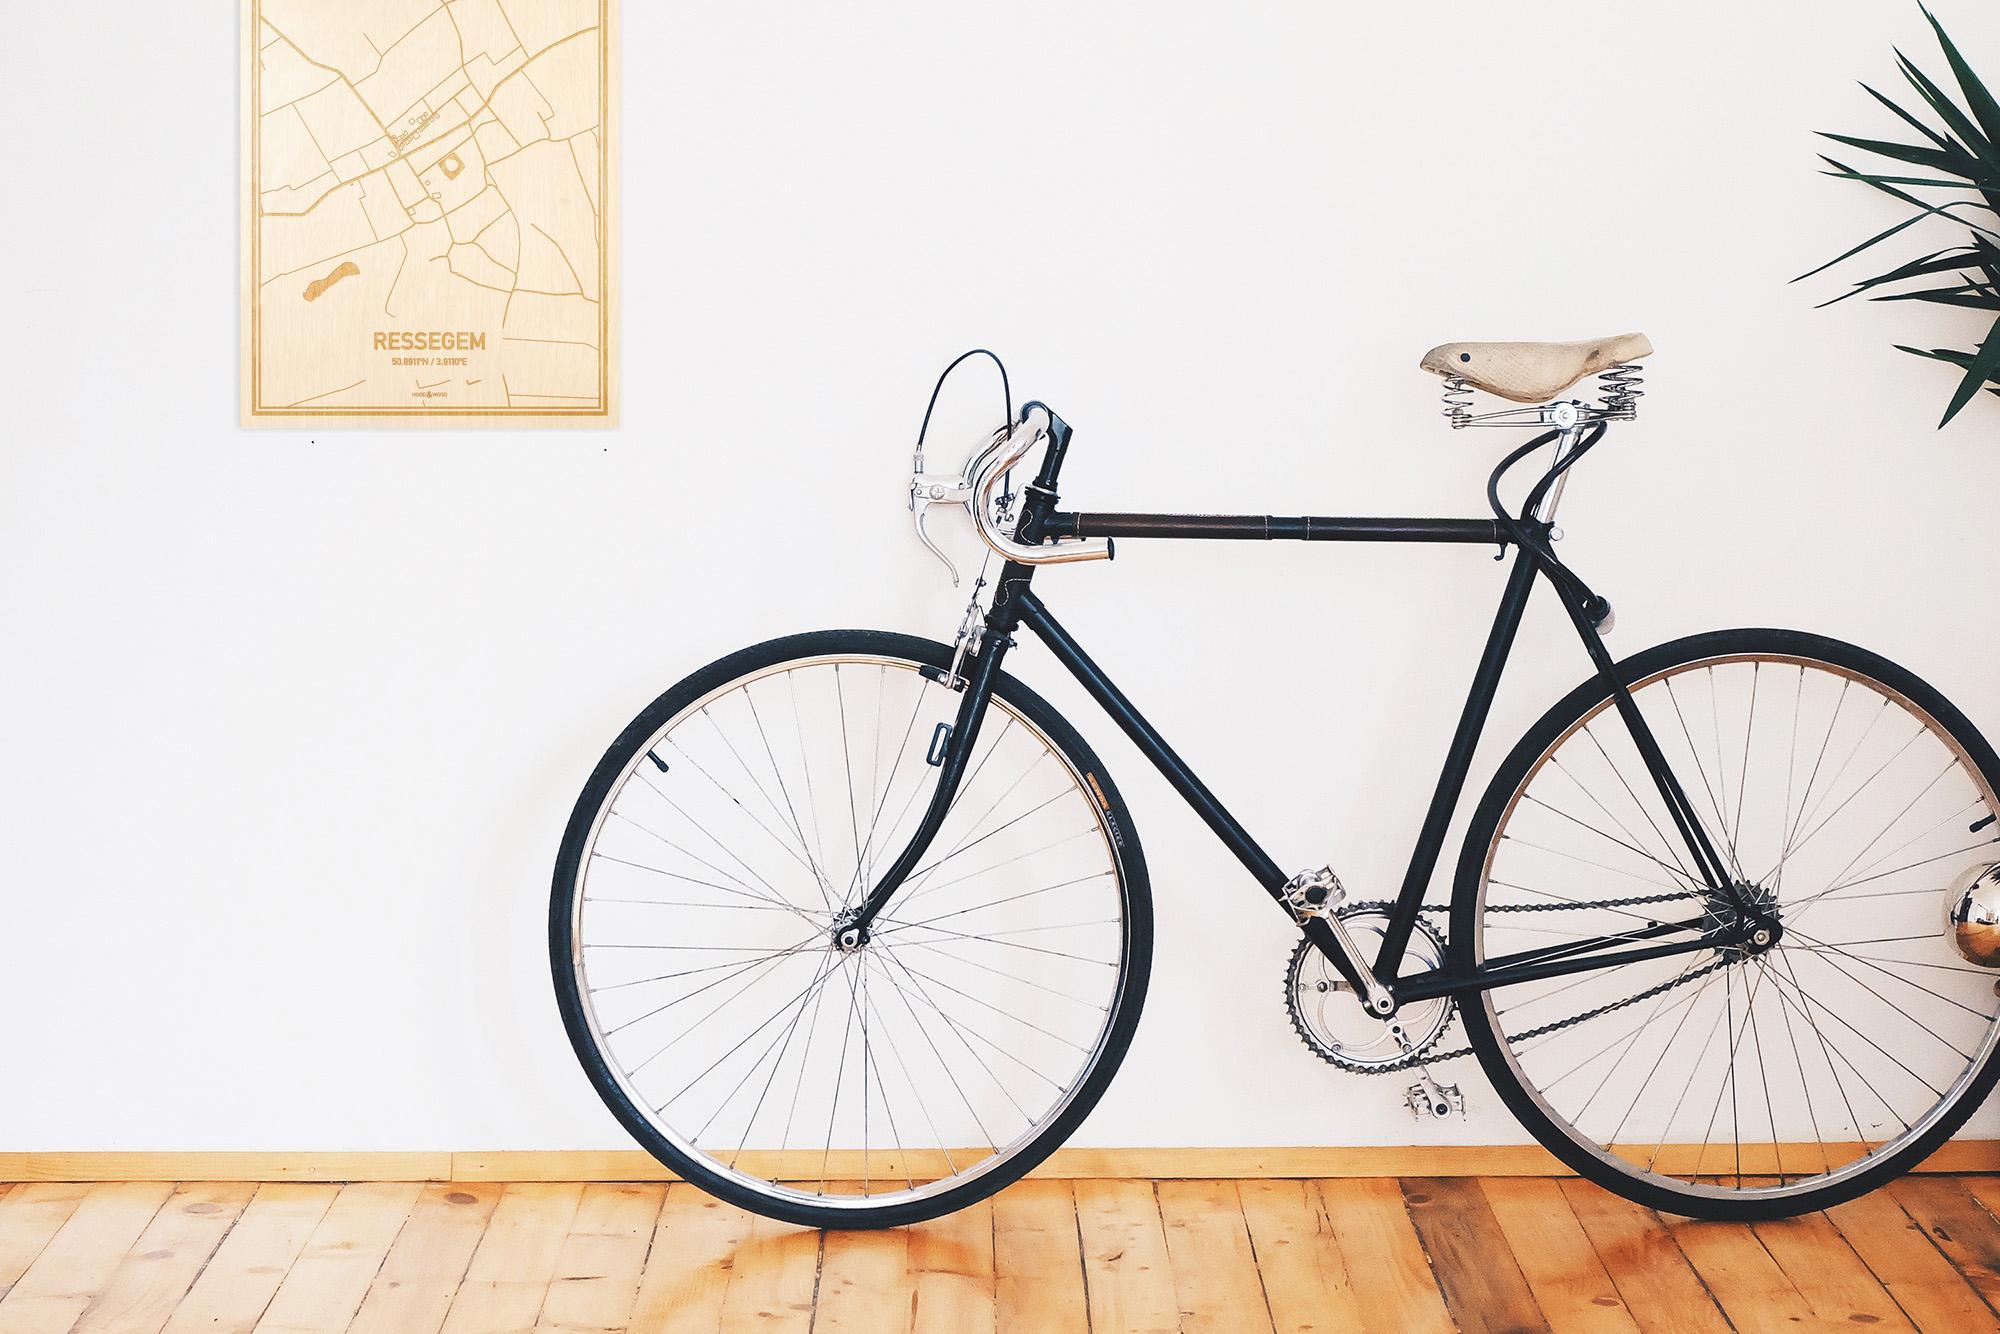 Een snelle fiets in een uniek interieur in Oost-Vlaanderen  met mooie decoratie zoals de plattegrond Ressegem.